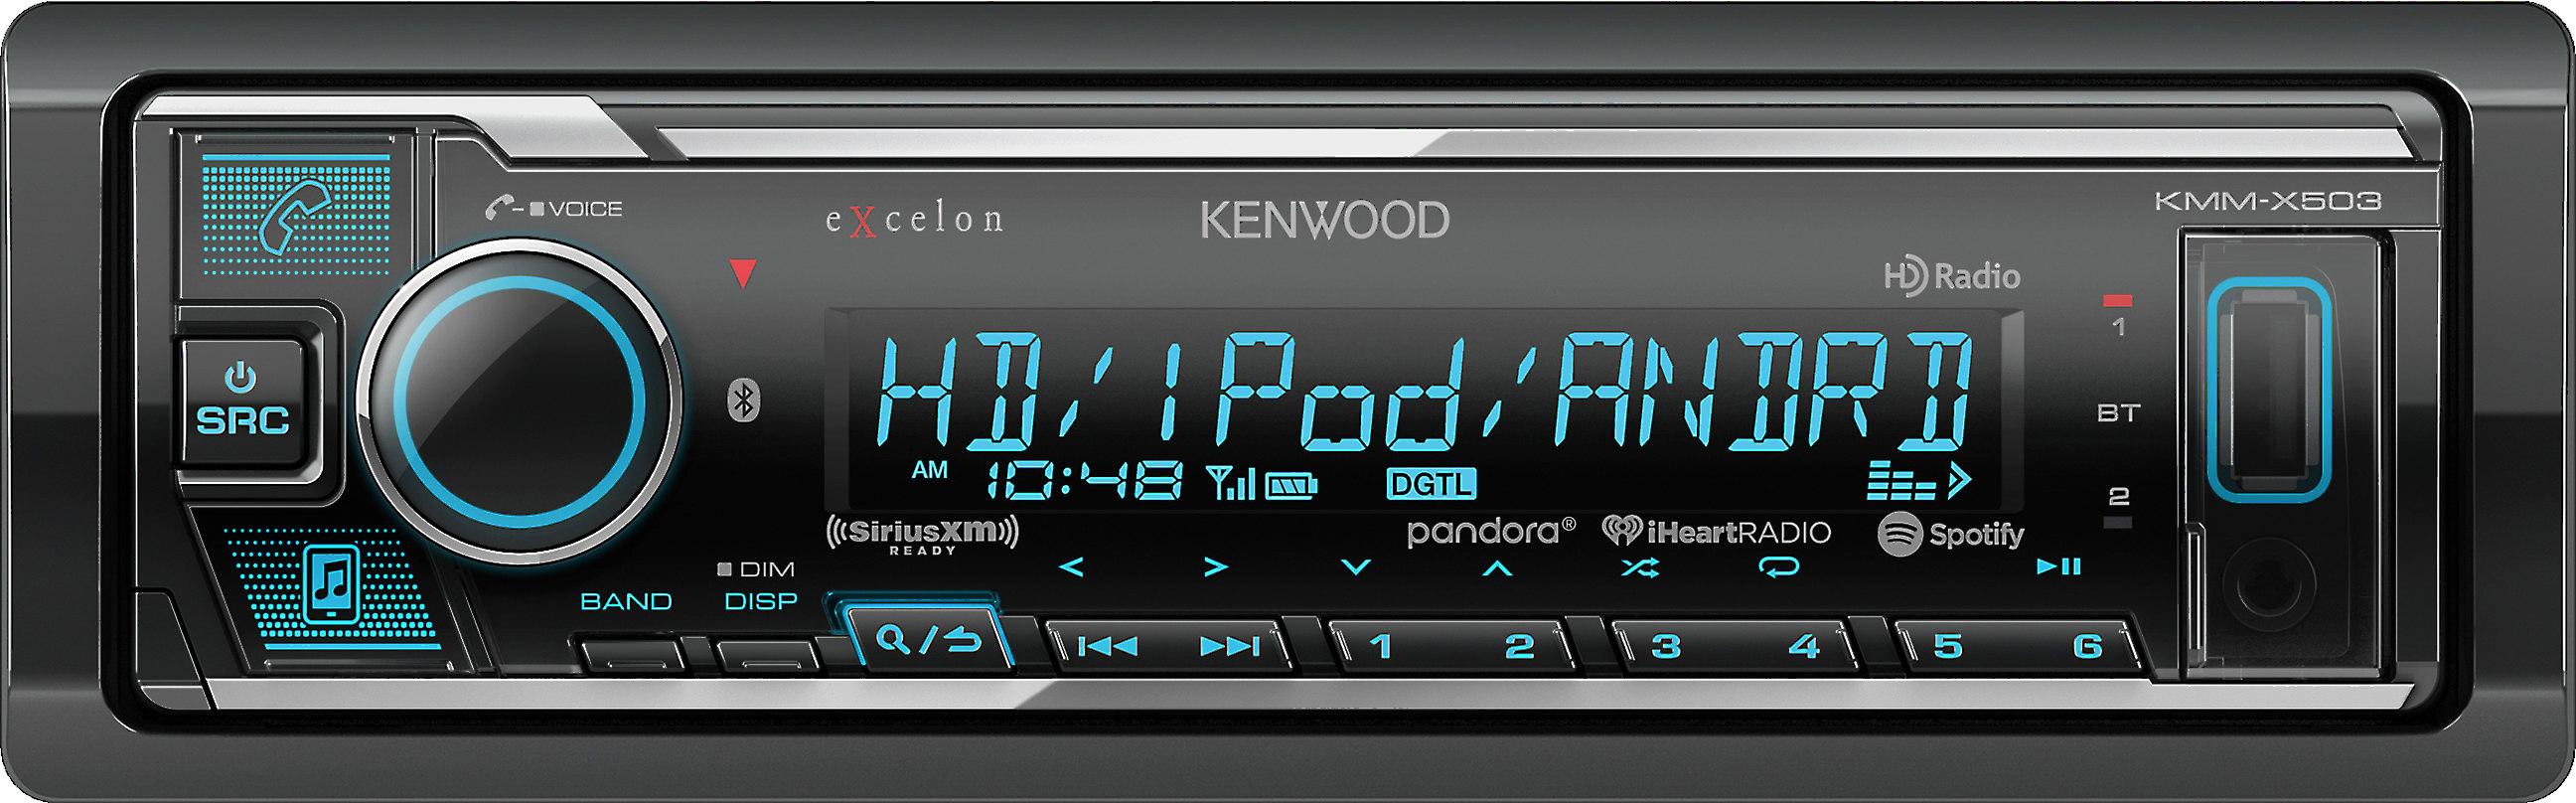 Kenwood Excelon KMM-X503